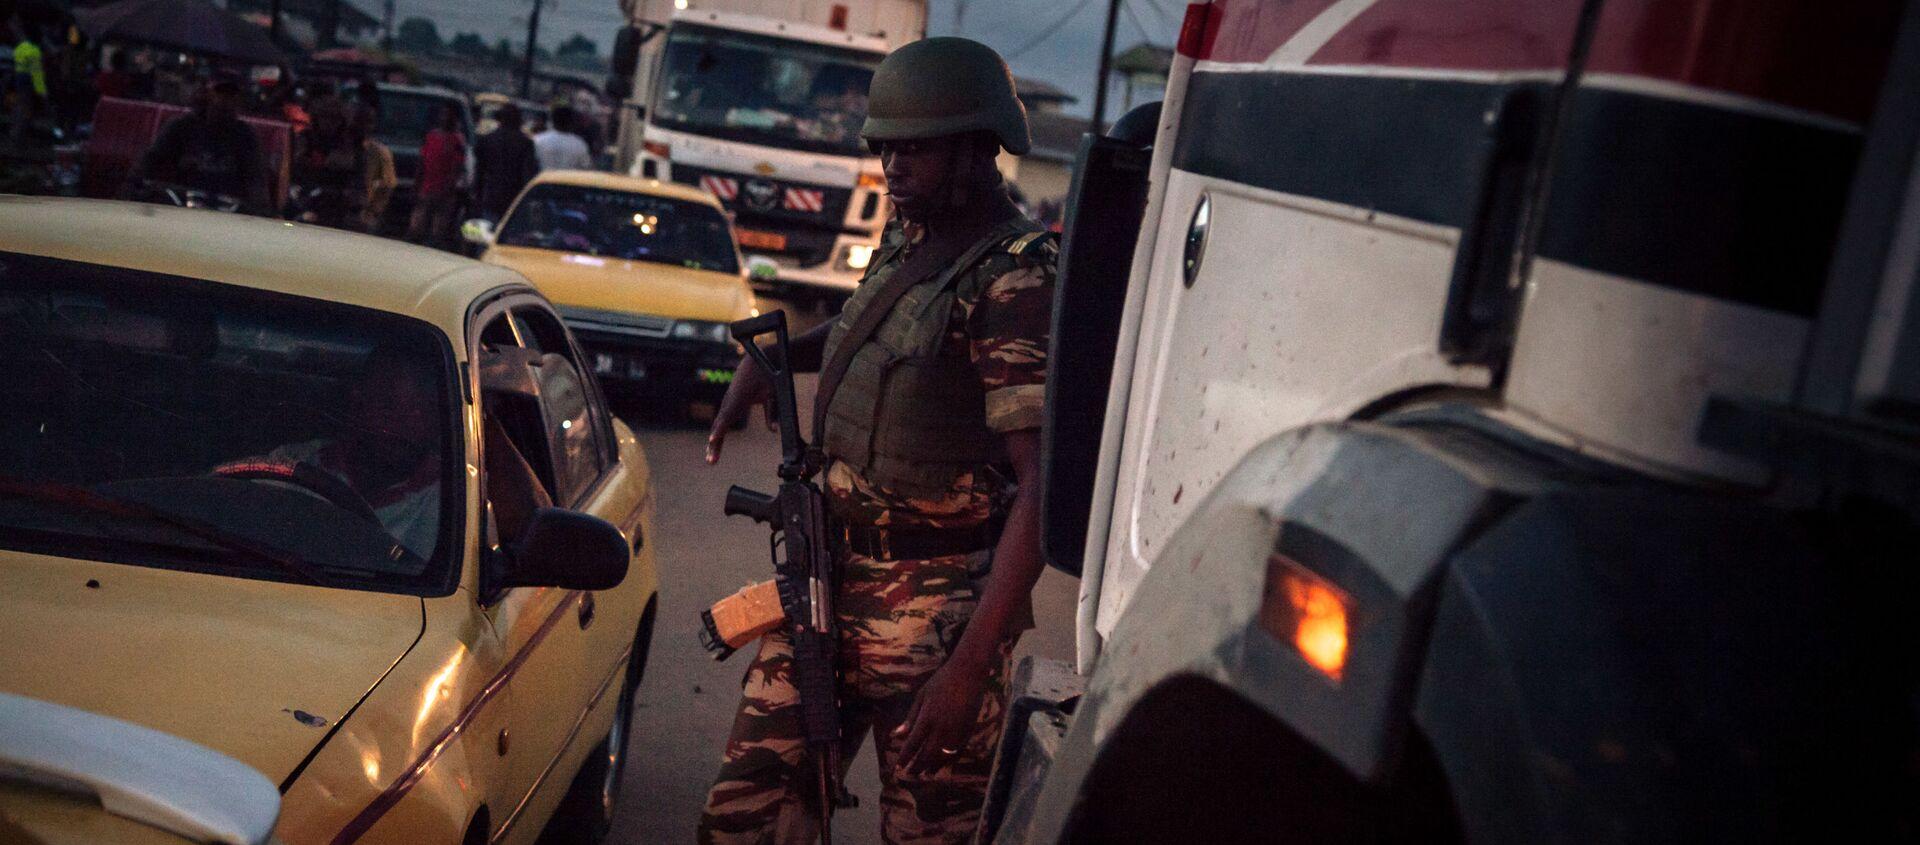 Un soldat des forcées camerounaises patrouille dans le Sud-Ouest anglophone du pays  - Sputnik France, 1920, 04.08.2021